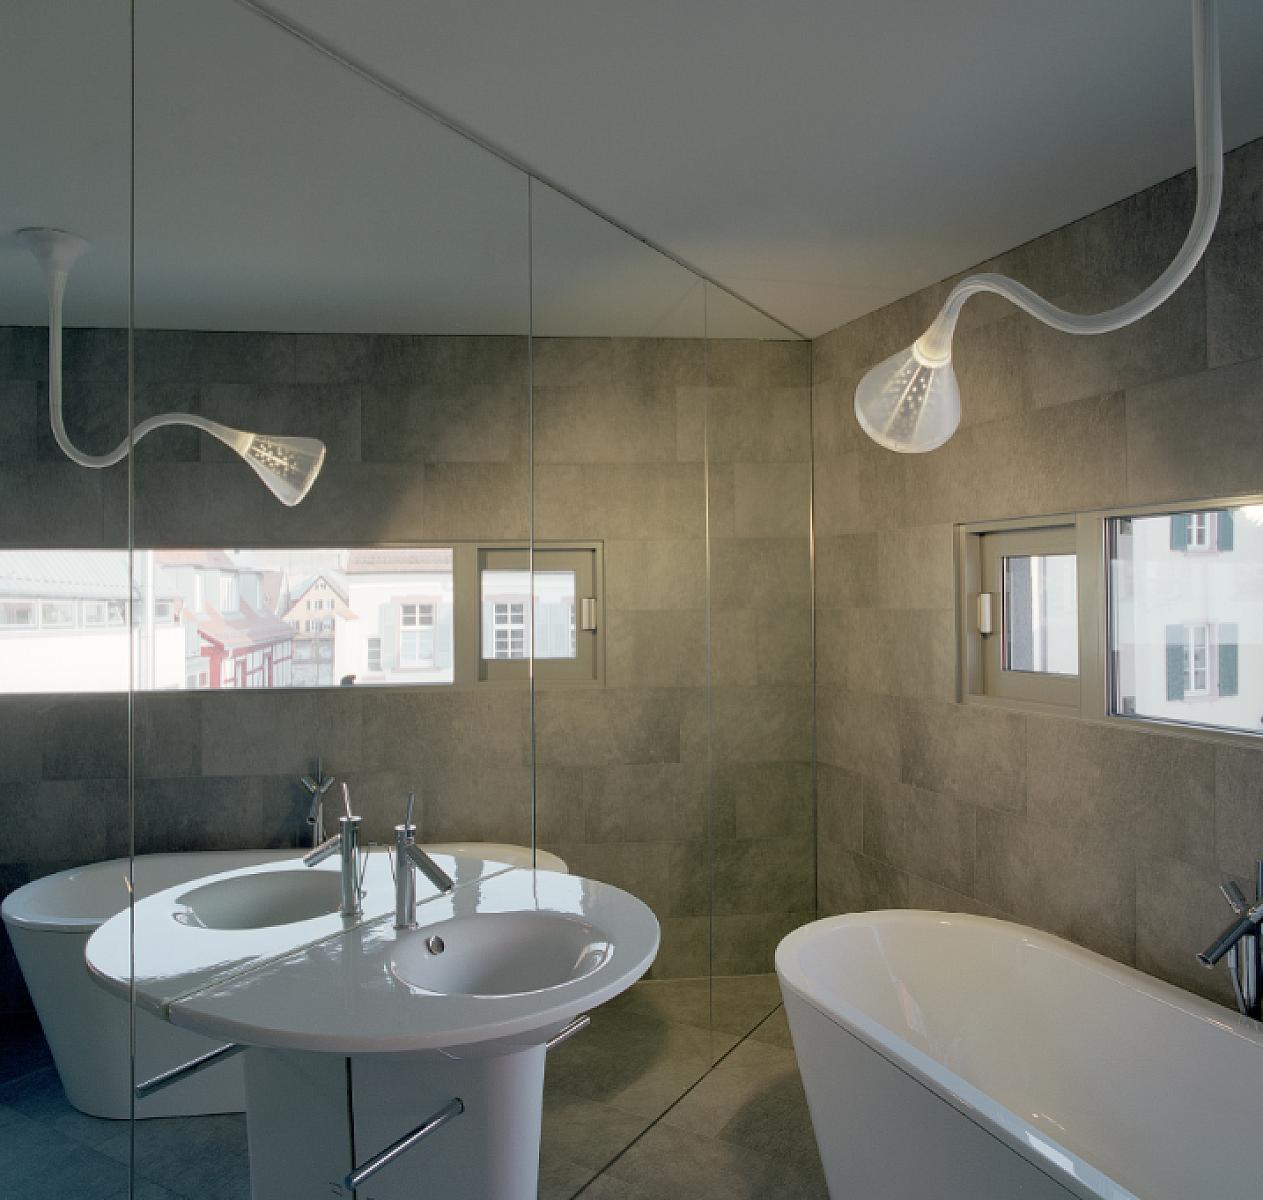 Pipe Ceiling Luminaire By Artemide Bathroom Vanity Lighting